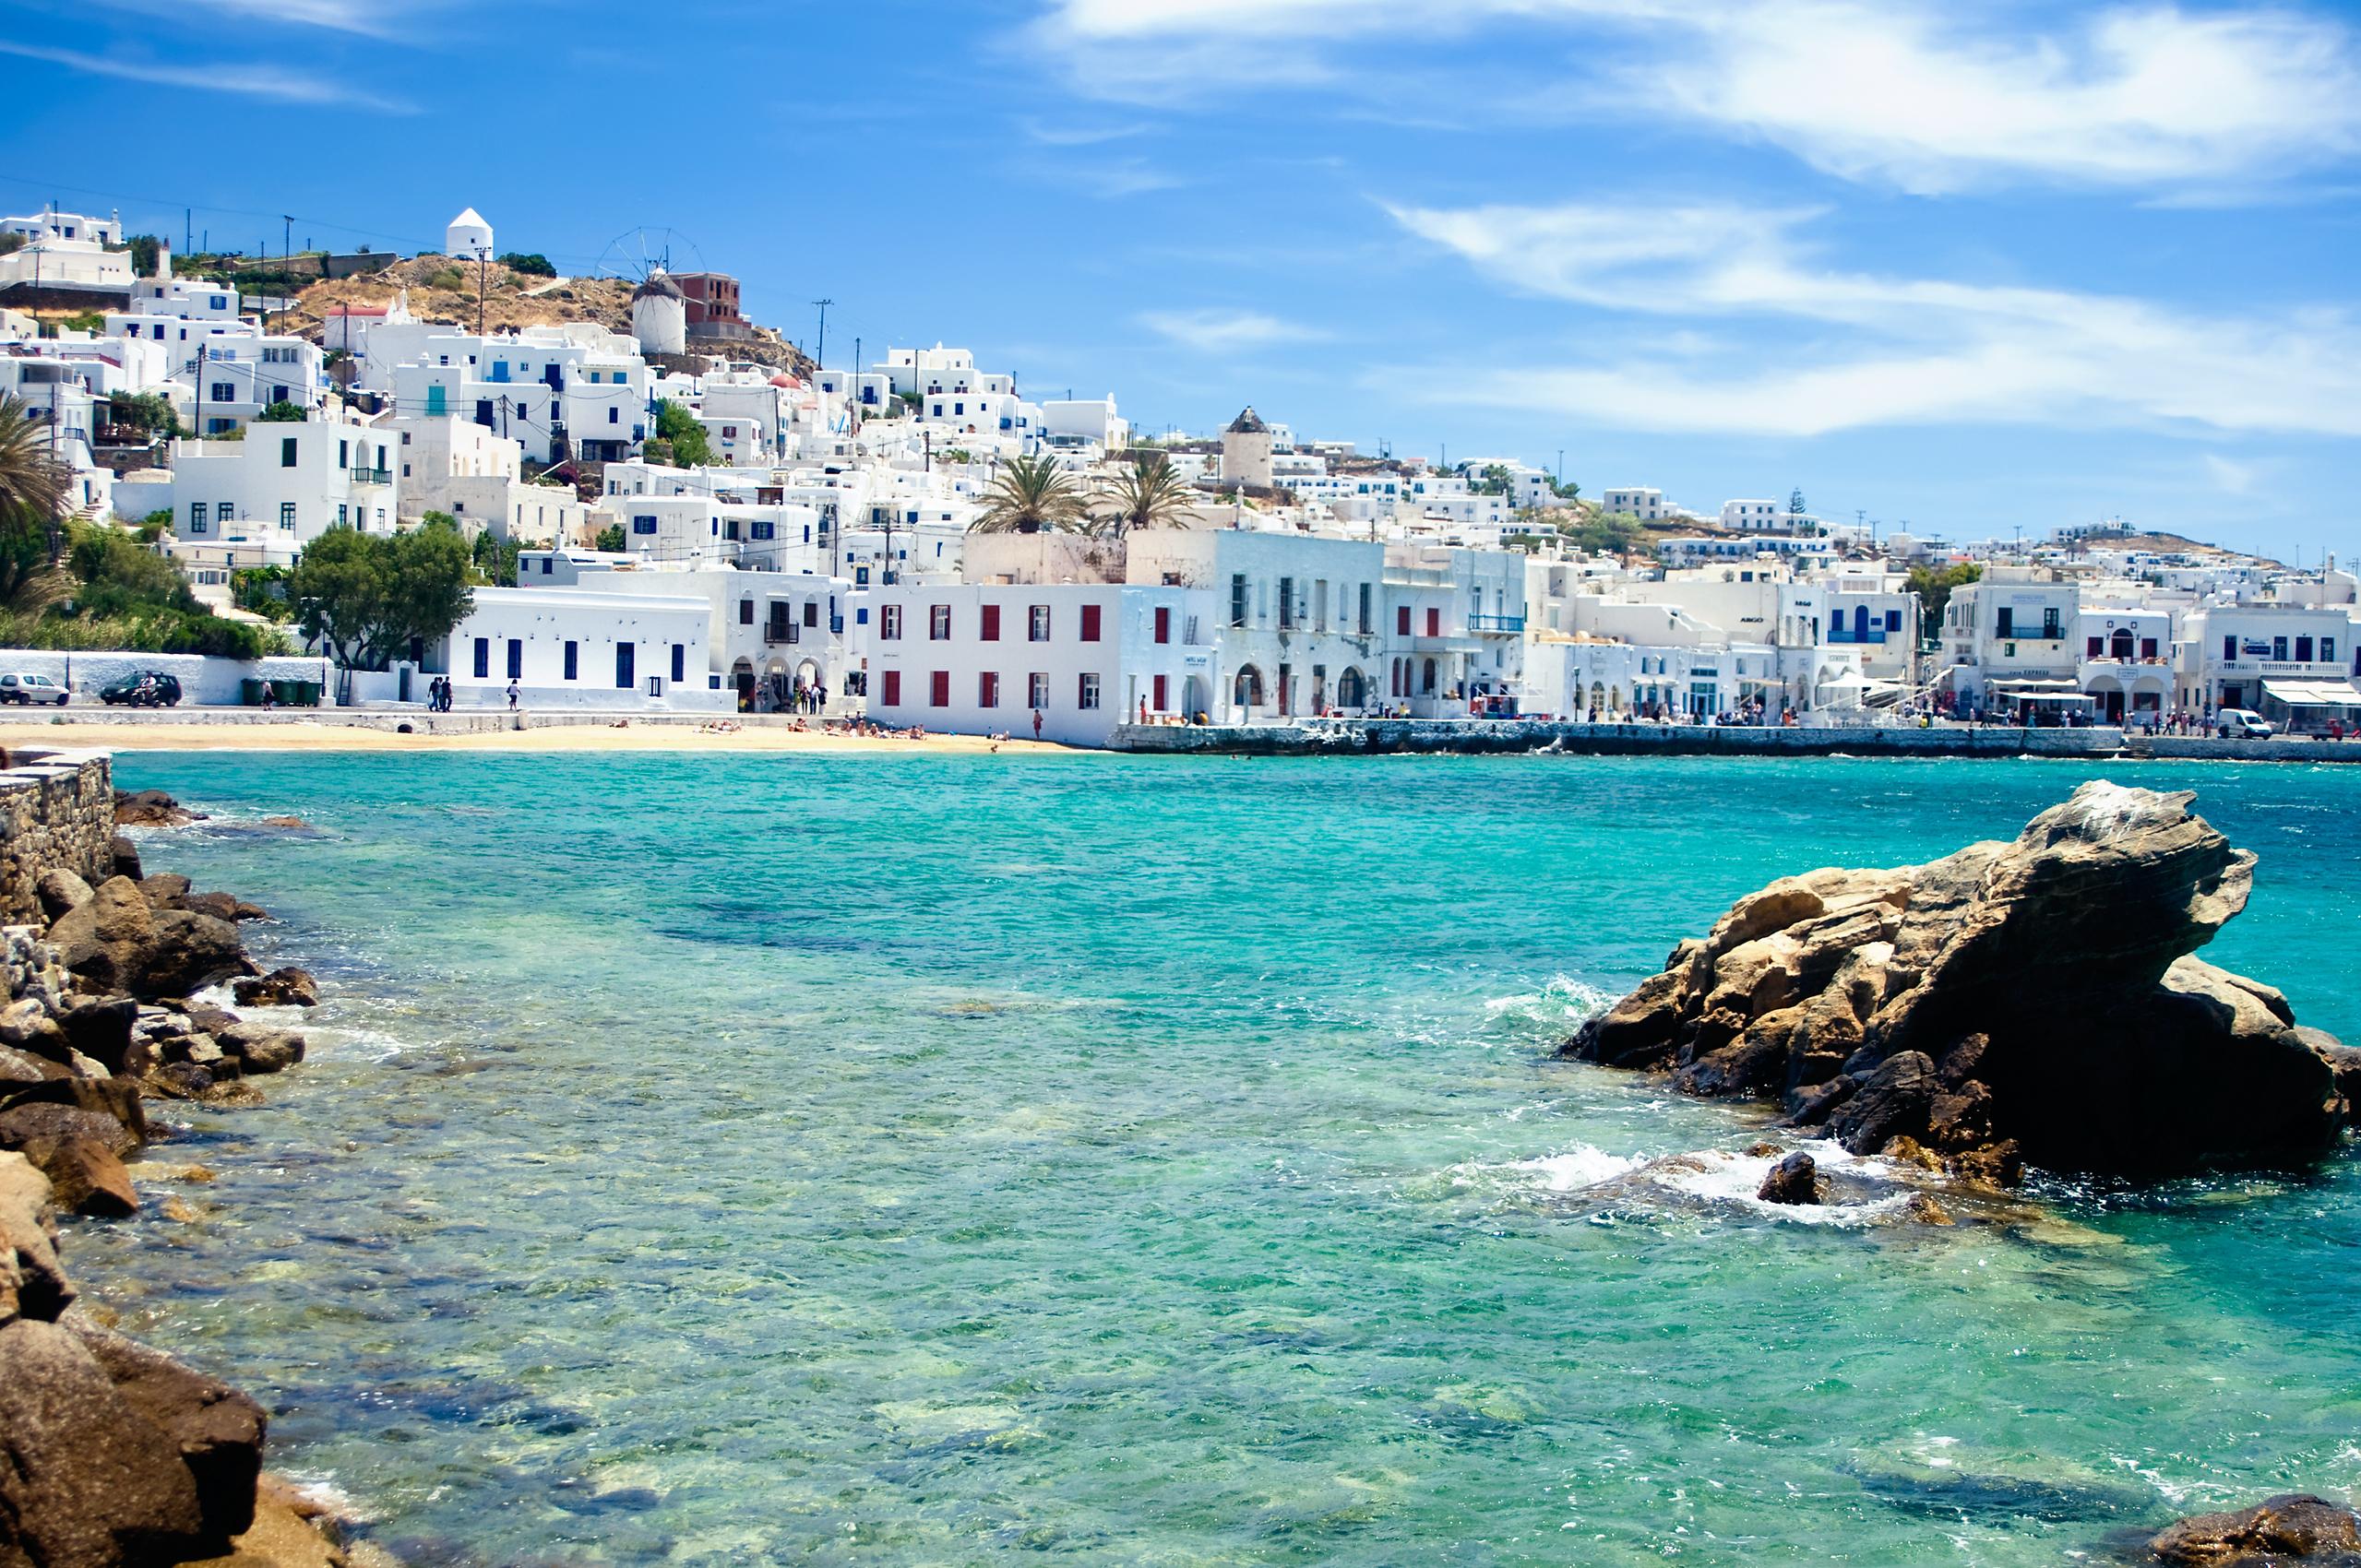 Date una vuelta por la isla más glamurosa de Grecia - Grecia Circuito Atenas y Crucero de 4 días